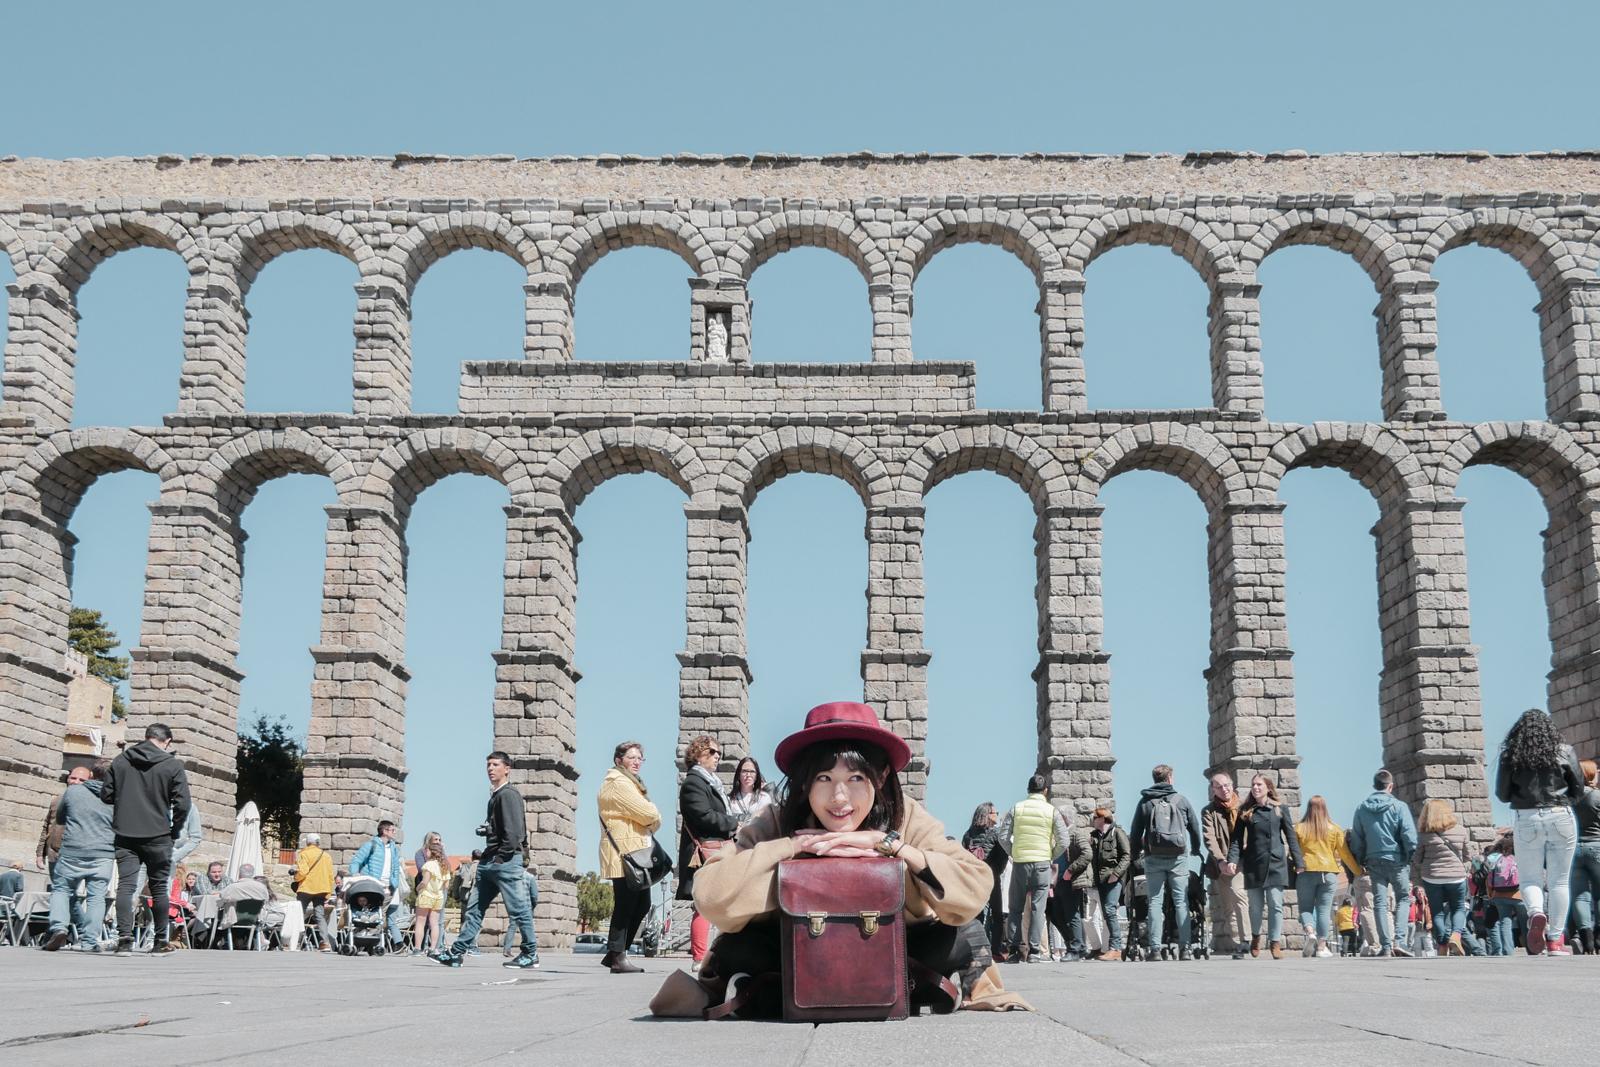 西班牙旅遊城市分享 初訪西班牙精彩景點推薦